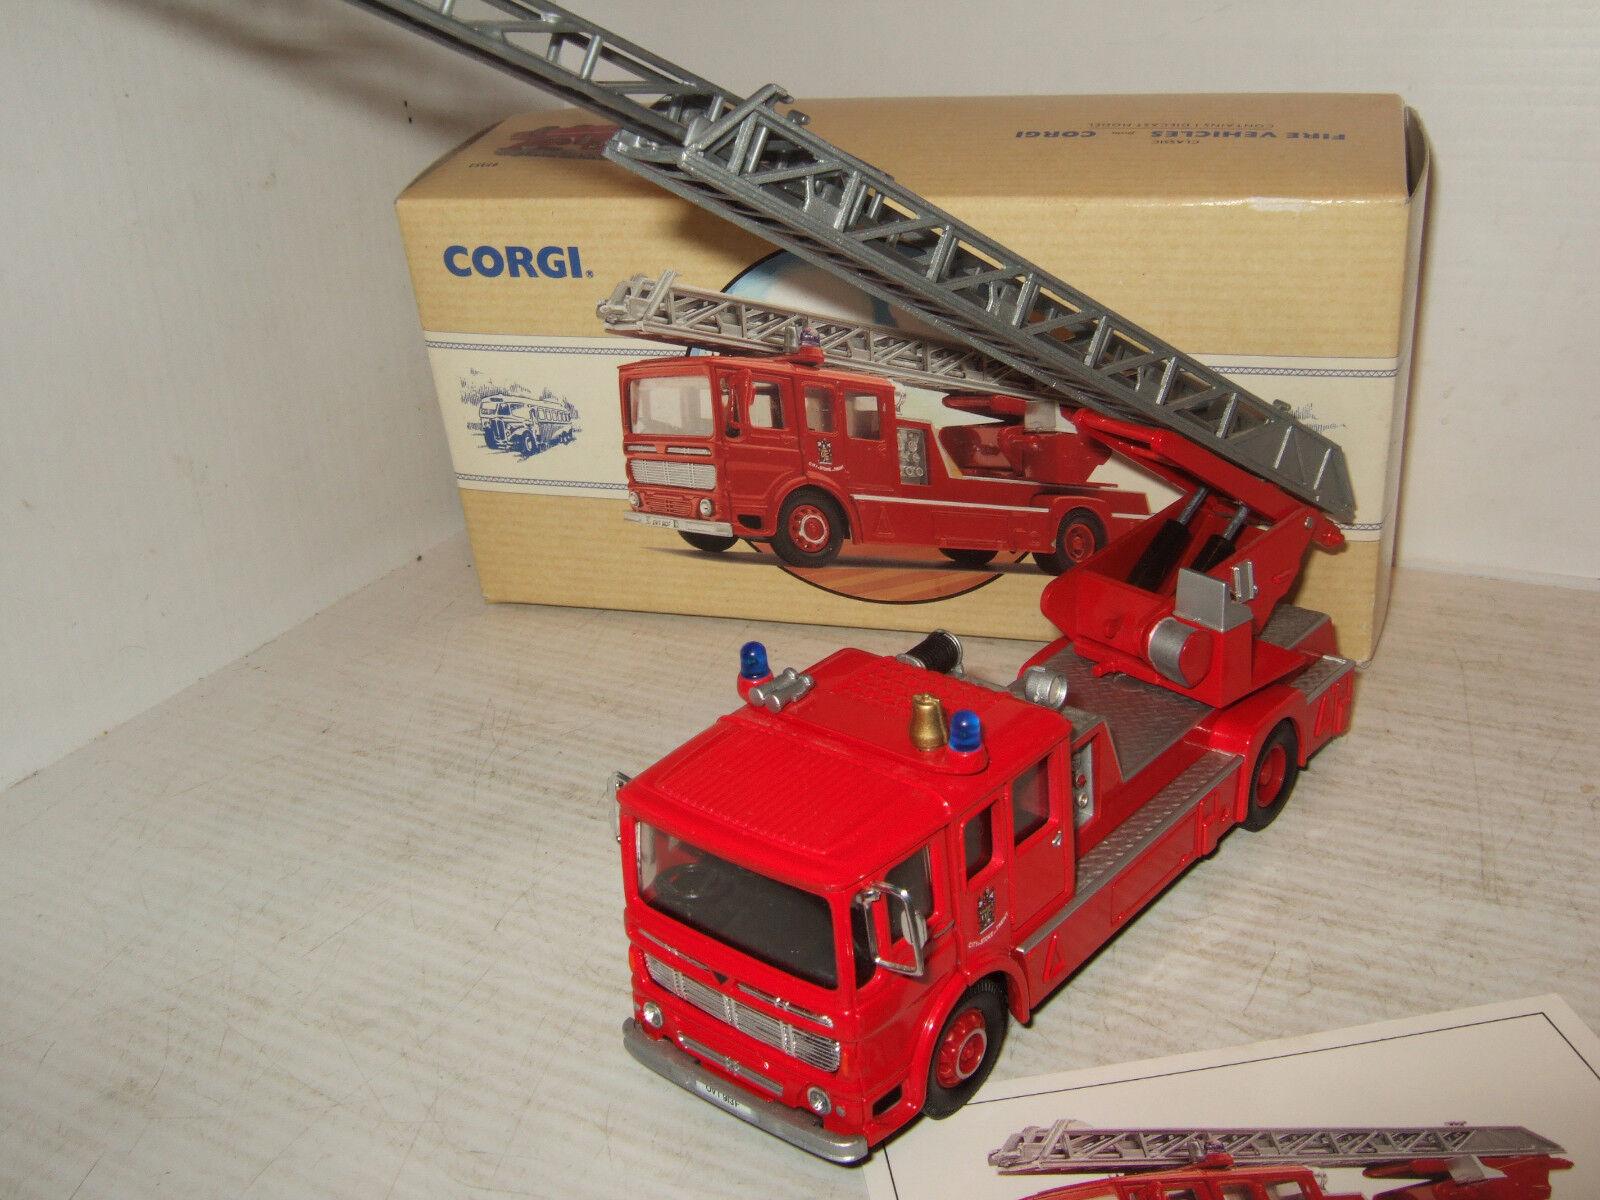 Corgi 97352 AEC Ladder for Stoke on Trent, Staffordshire Diecast Model in 1 50